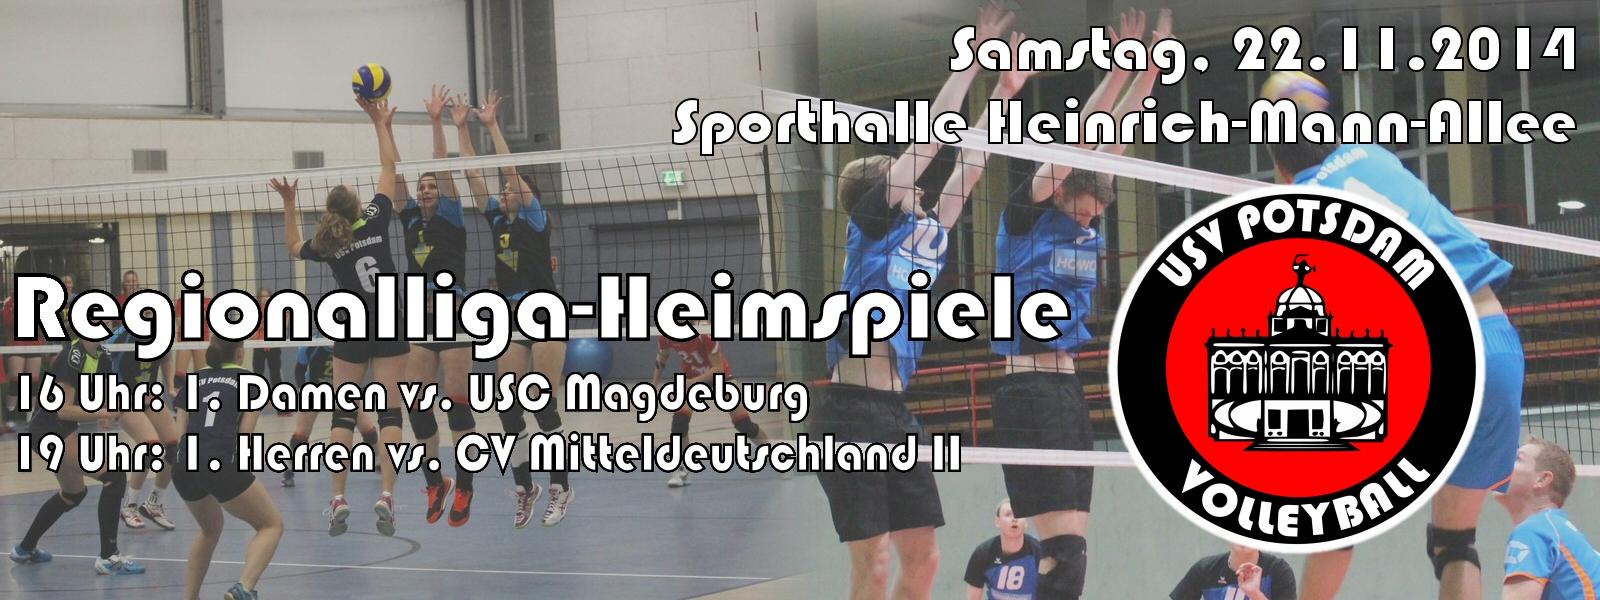 Am 22.11.2014 kommen Magdeburg und Mitteldeutland II in die Heinrich-Mann-Allee